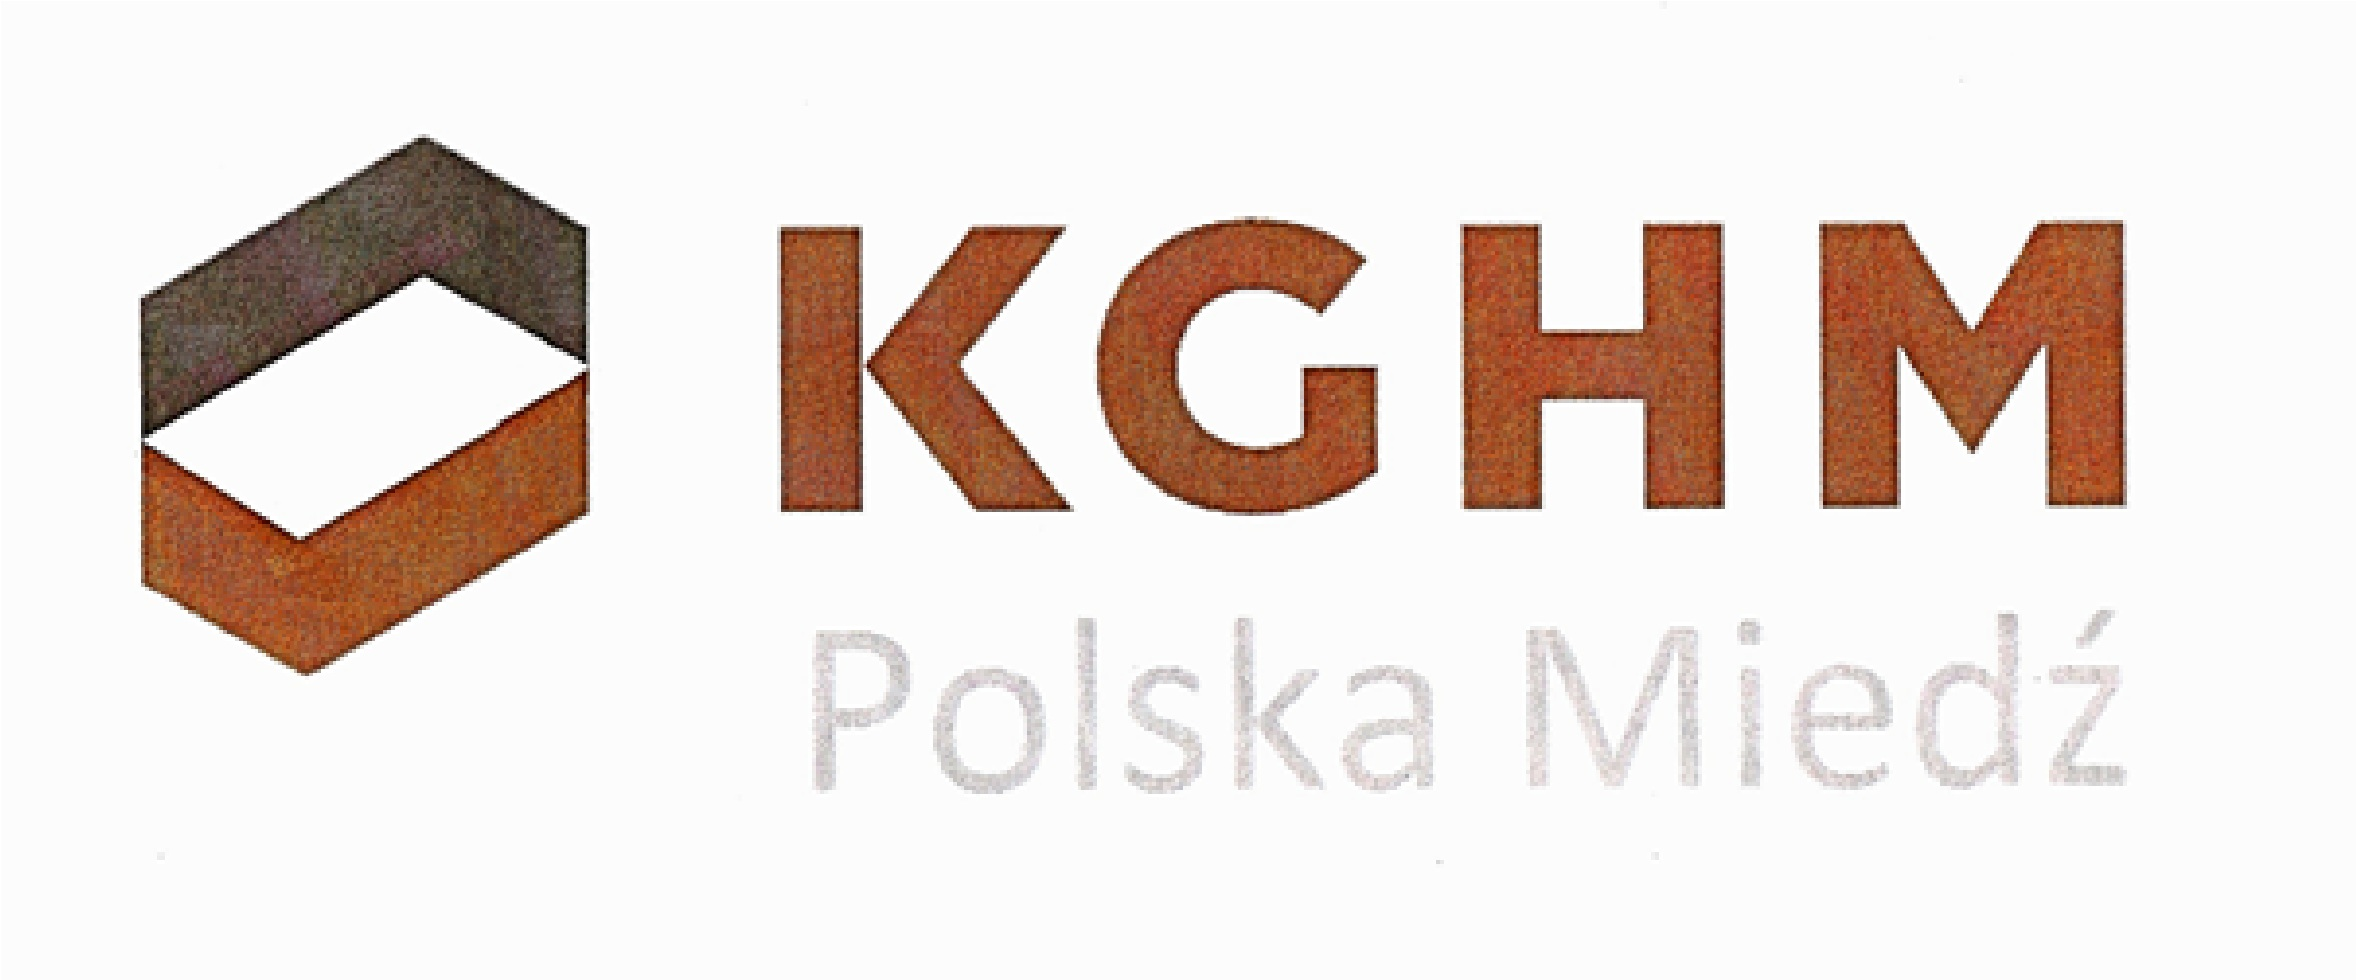 KGHM Polska miedź S.A. Logo photo - 1